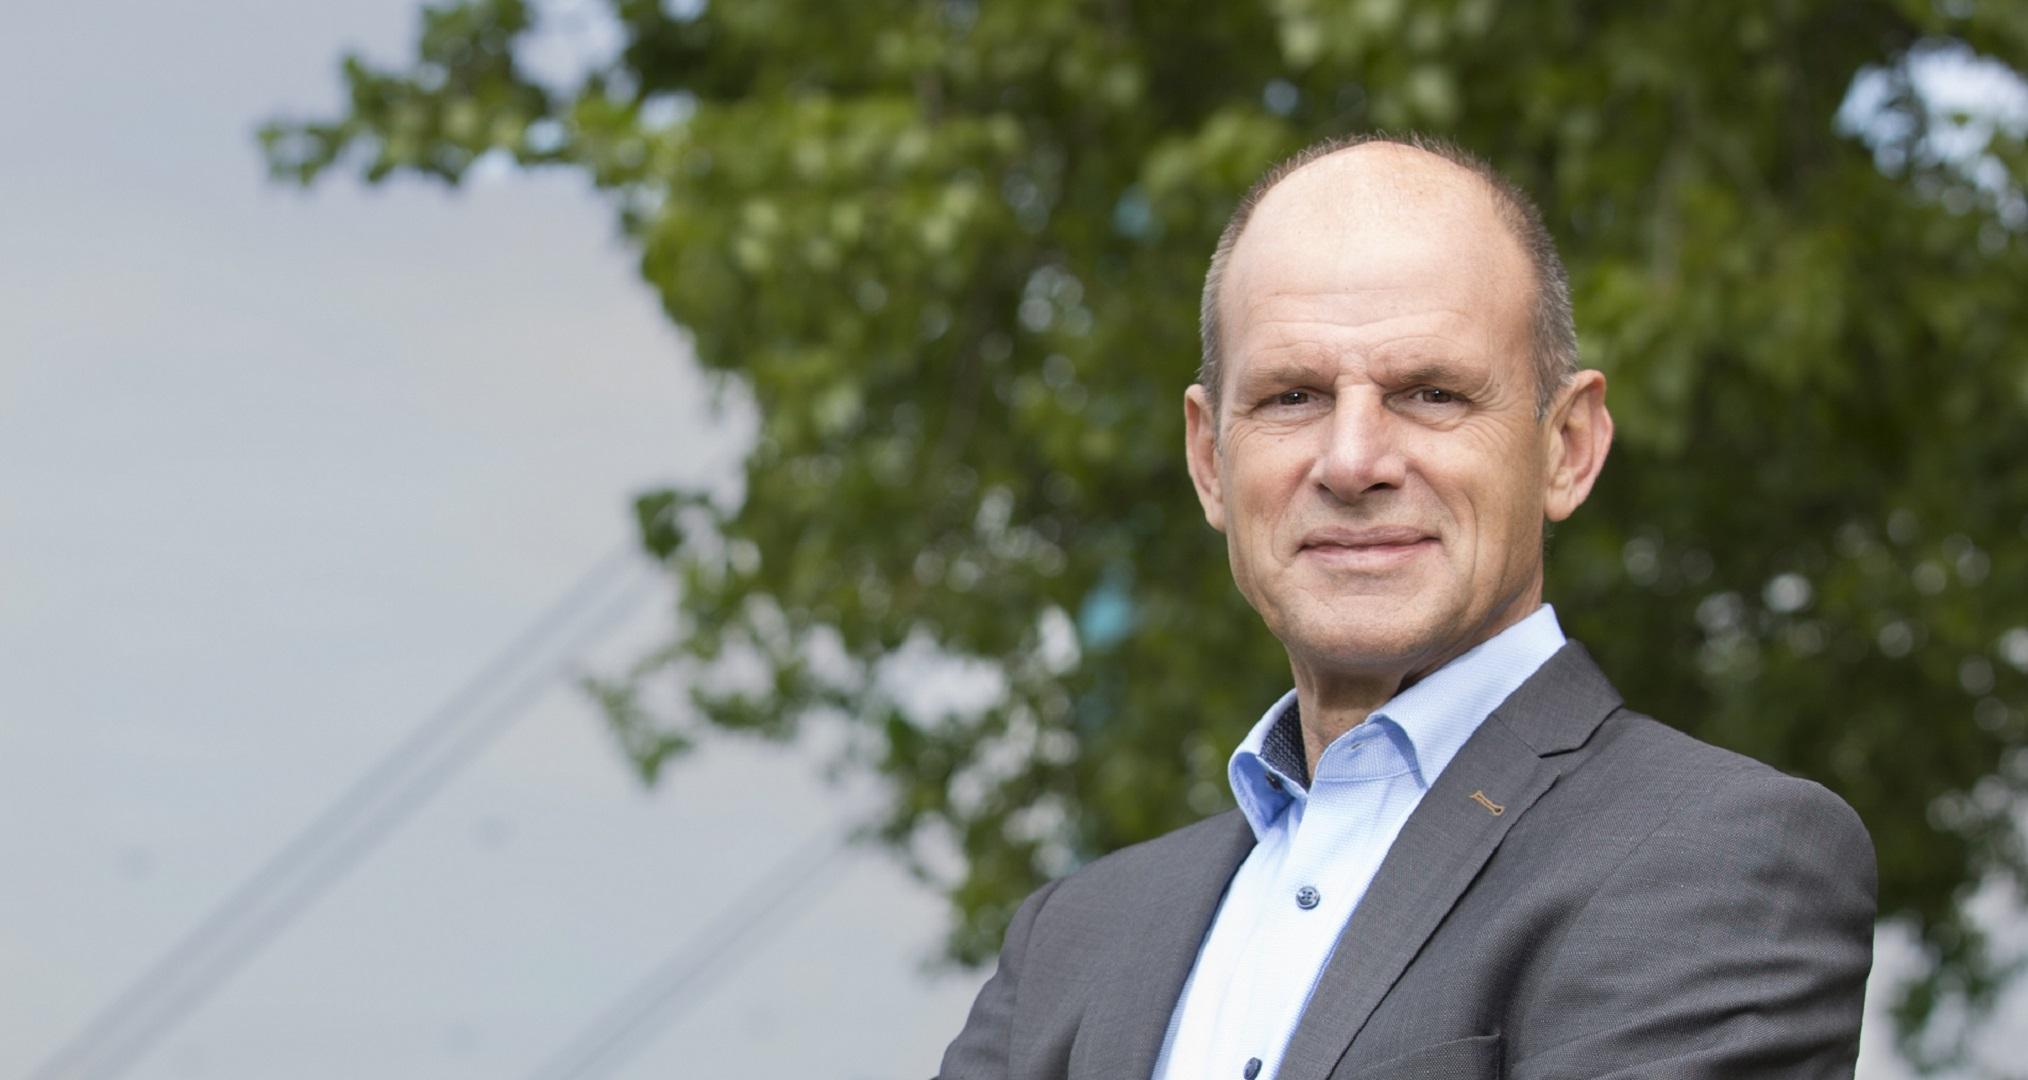 Peter Struik - circulairebouweconomie.nl